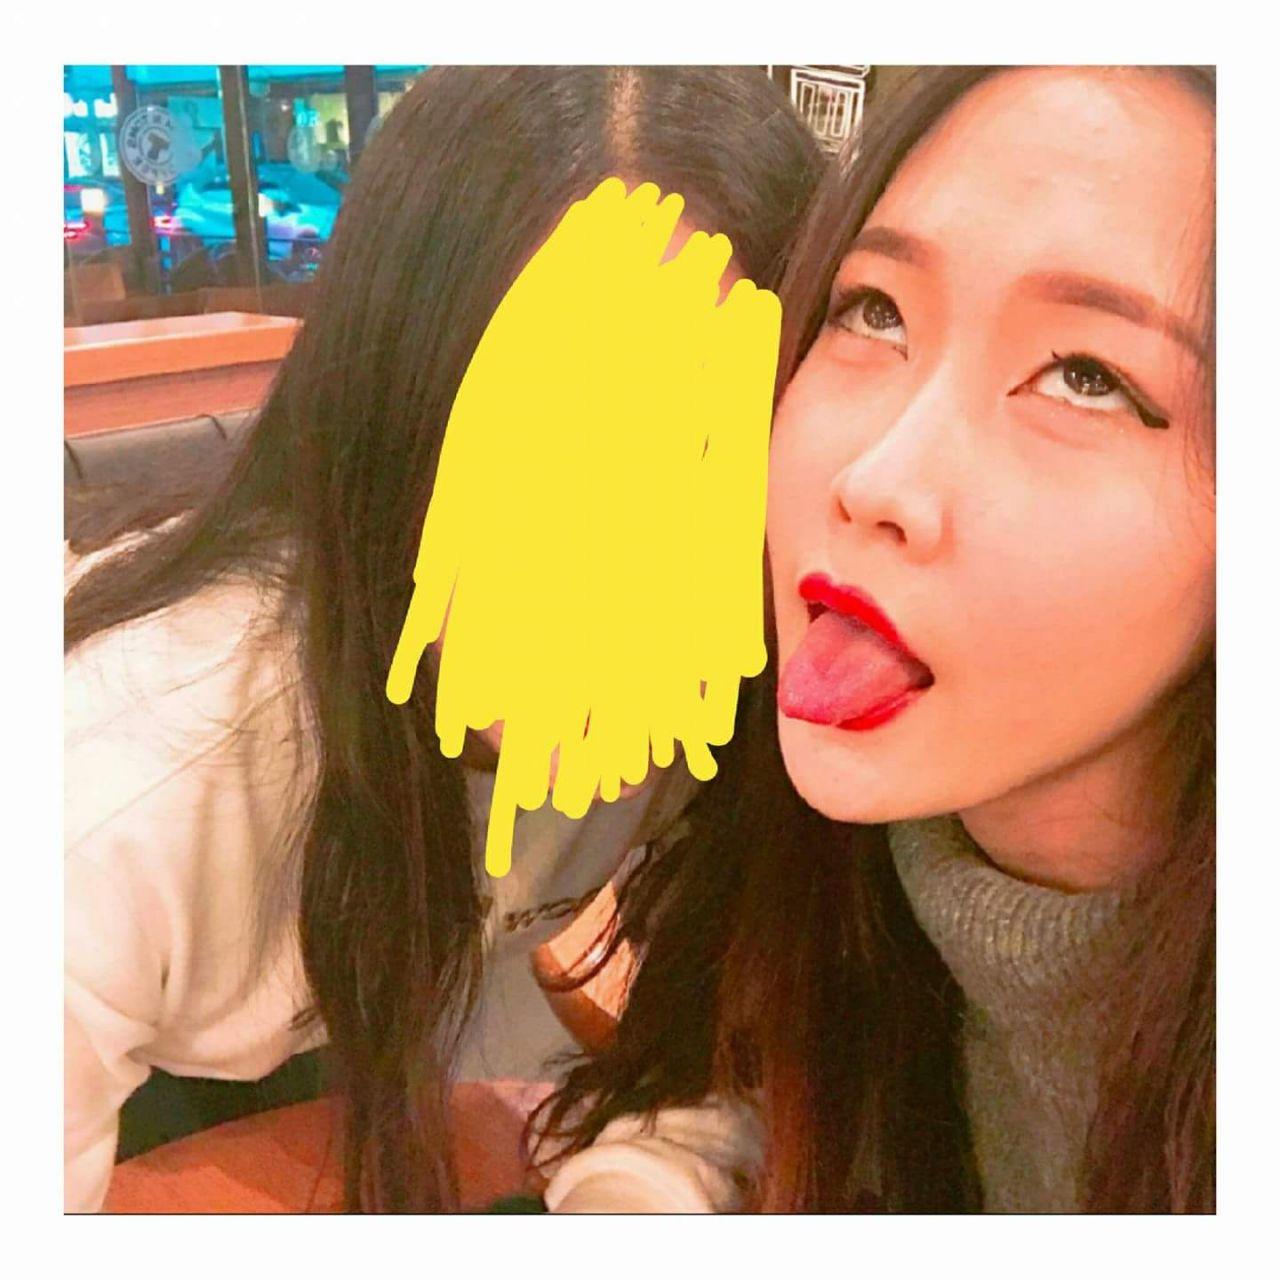 韓国の若者の間でアヘ顔自撮りが流行中らしい・・・・・(画像あり)・3枚目